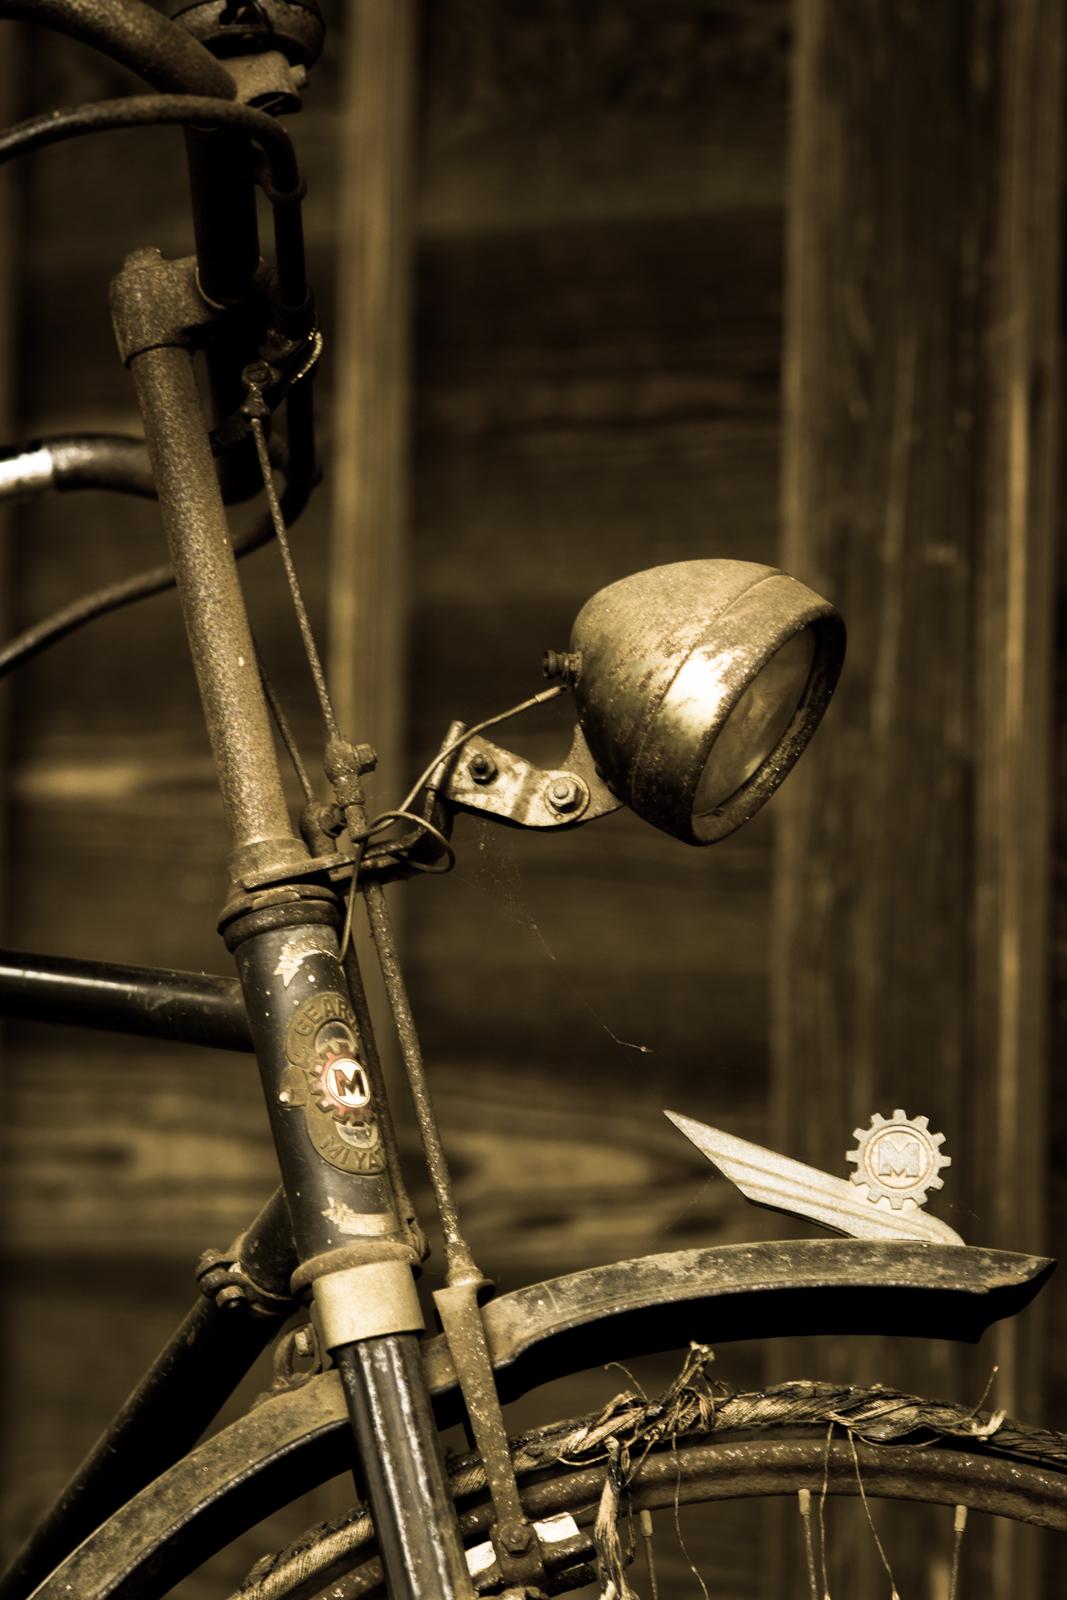 昔のミヤタサイクルの自転車の写真